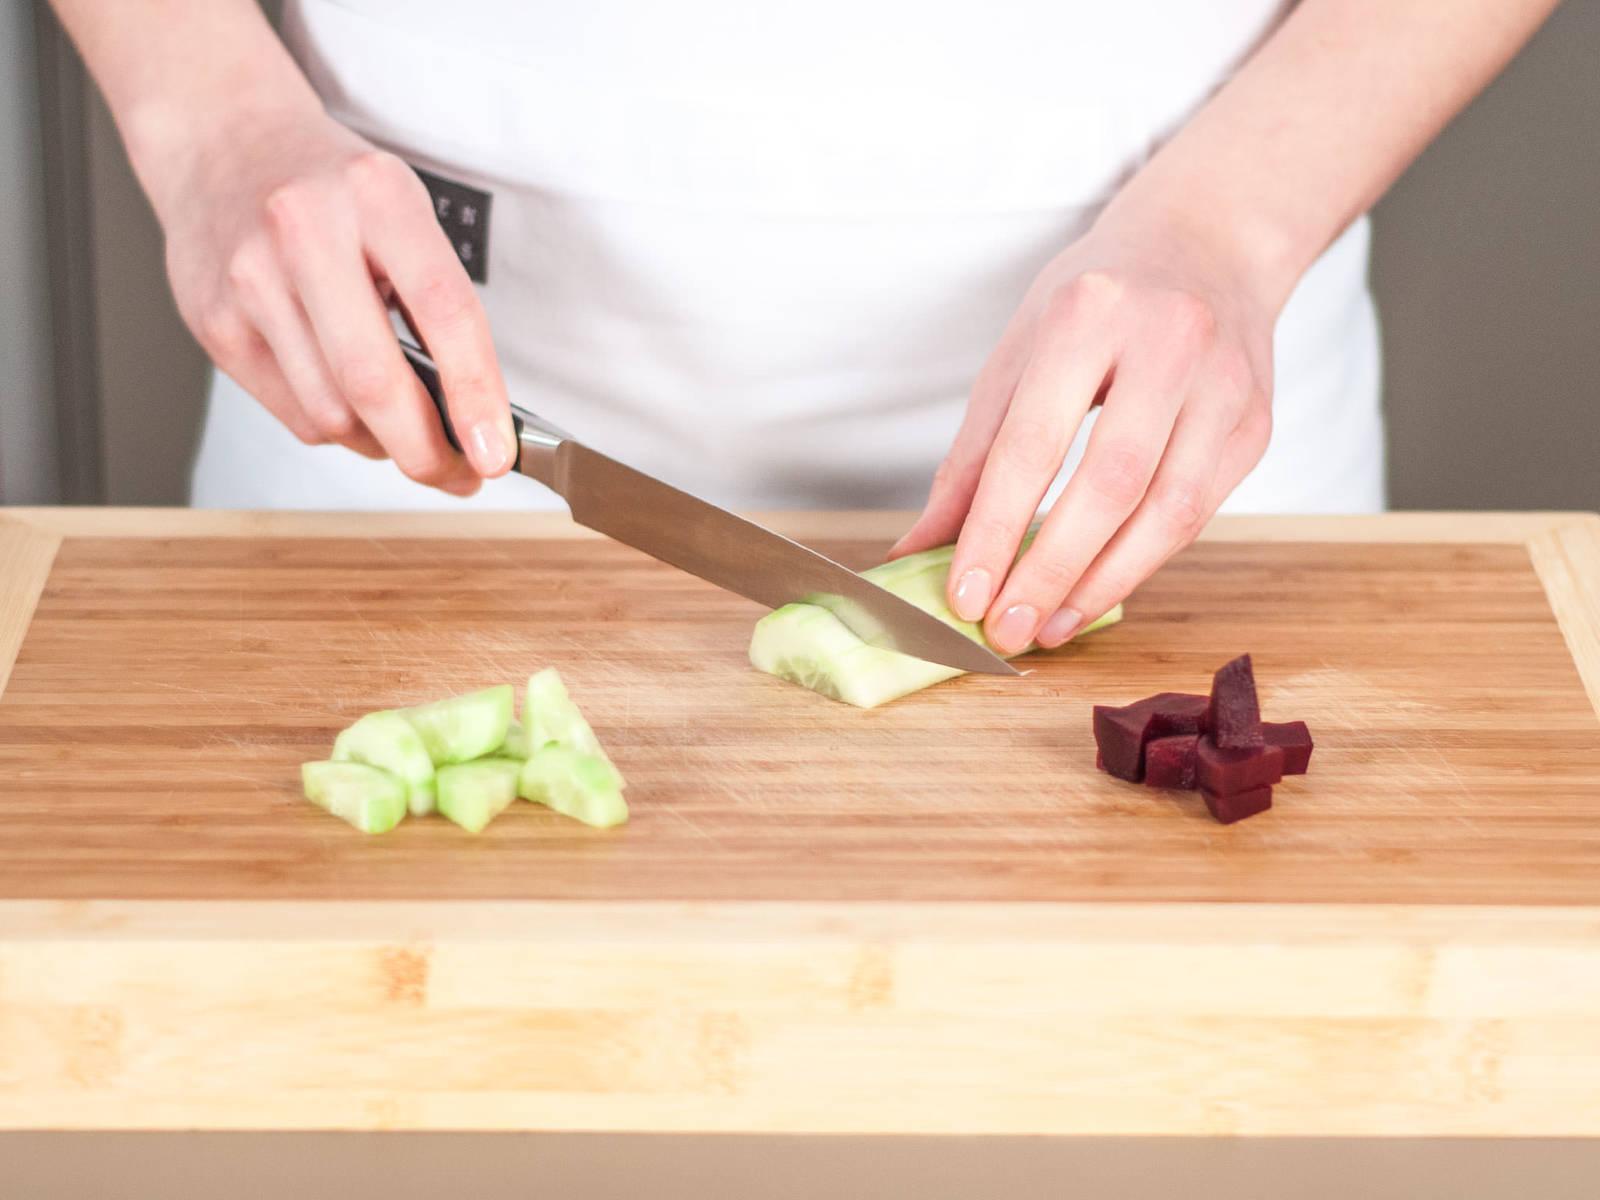 将黄瓜去皮切片。红甜菜切丁。